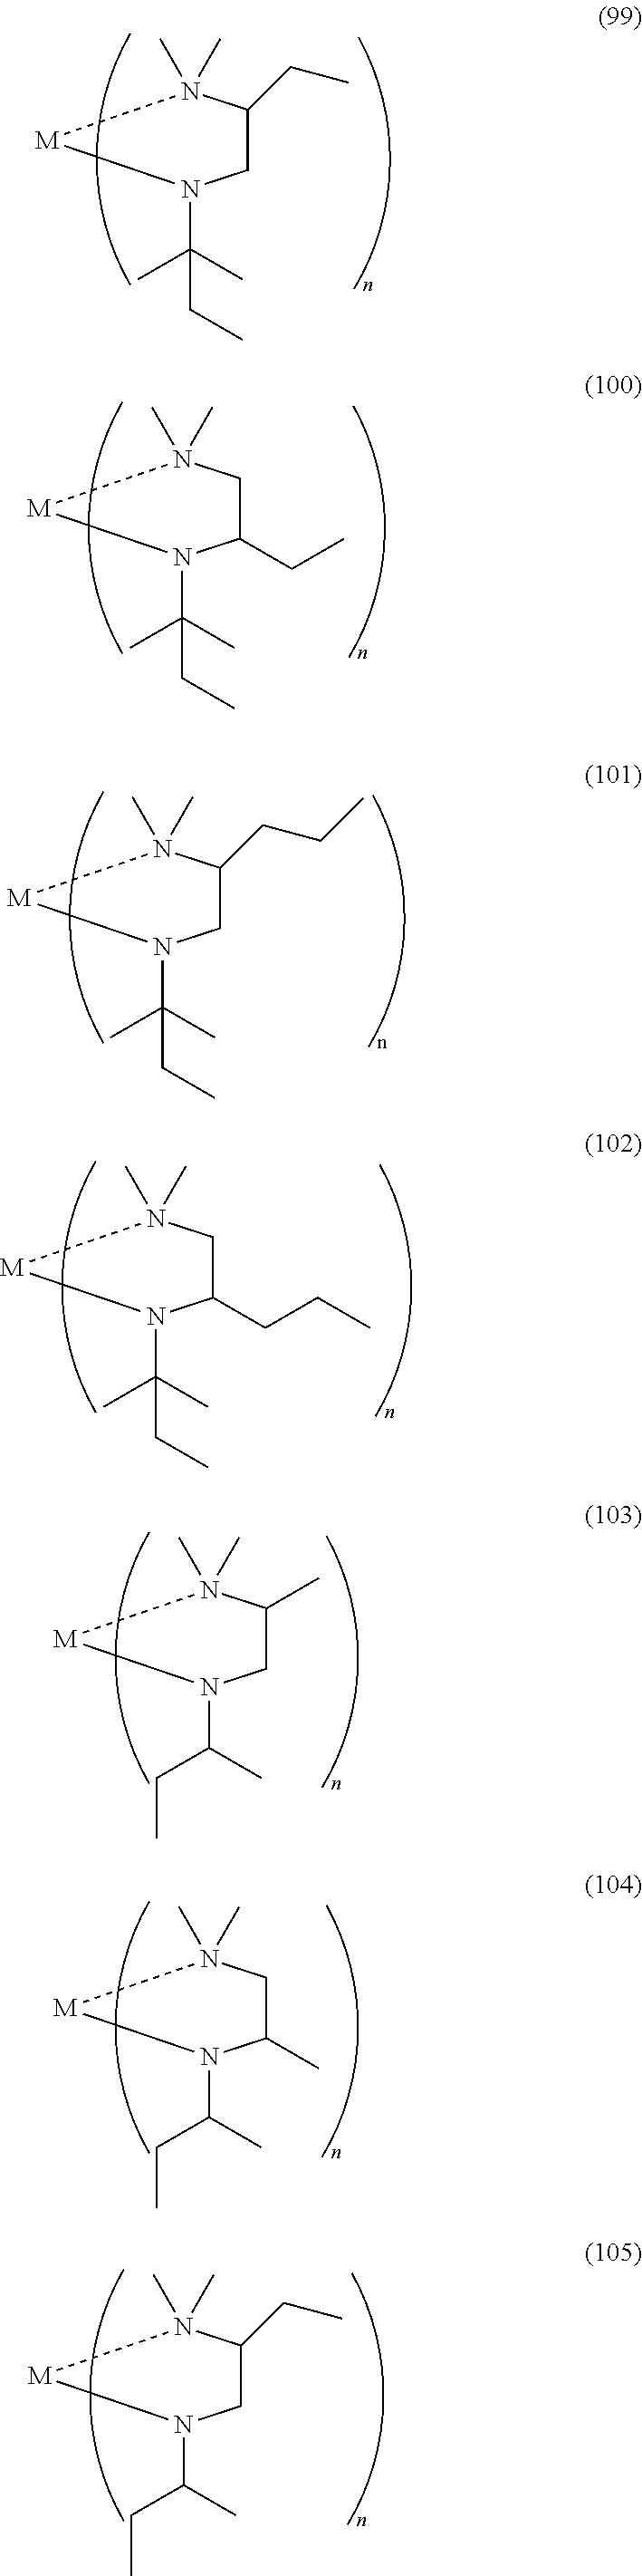 Figure US08871304-20141028-C00028